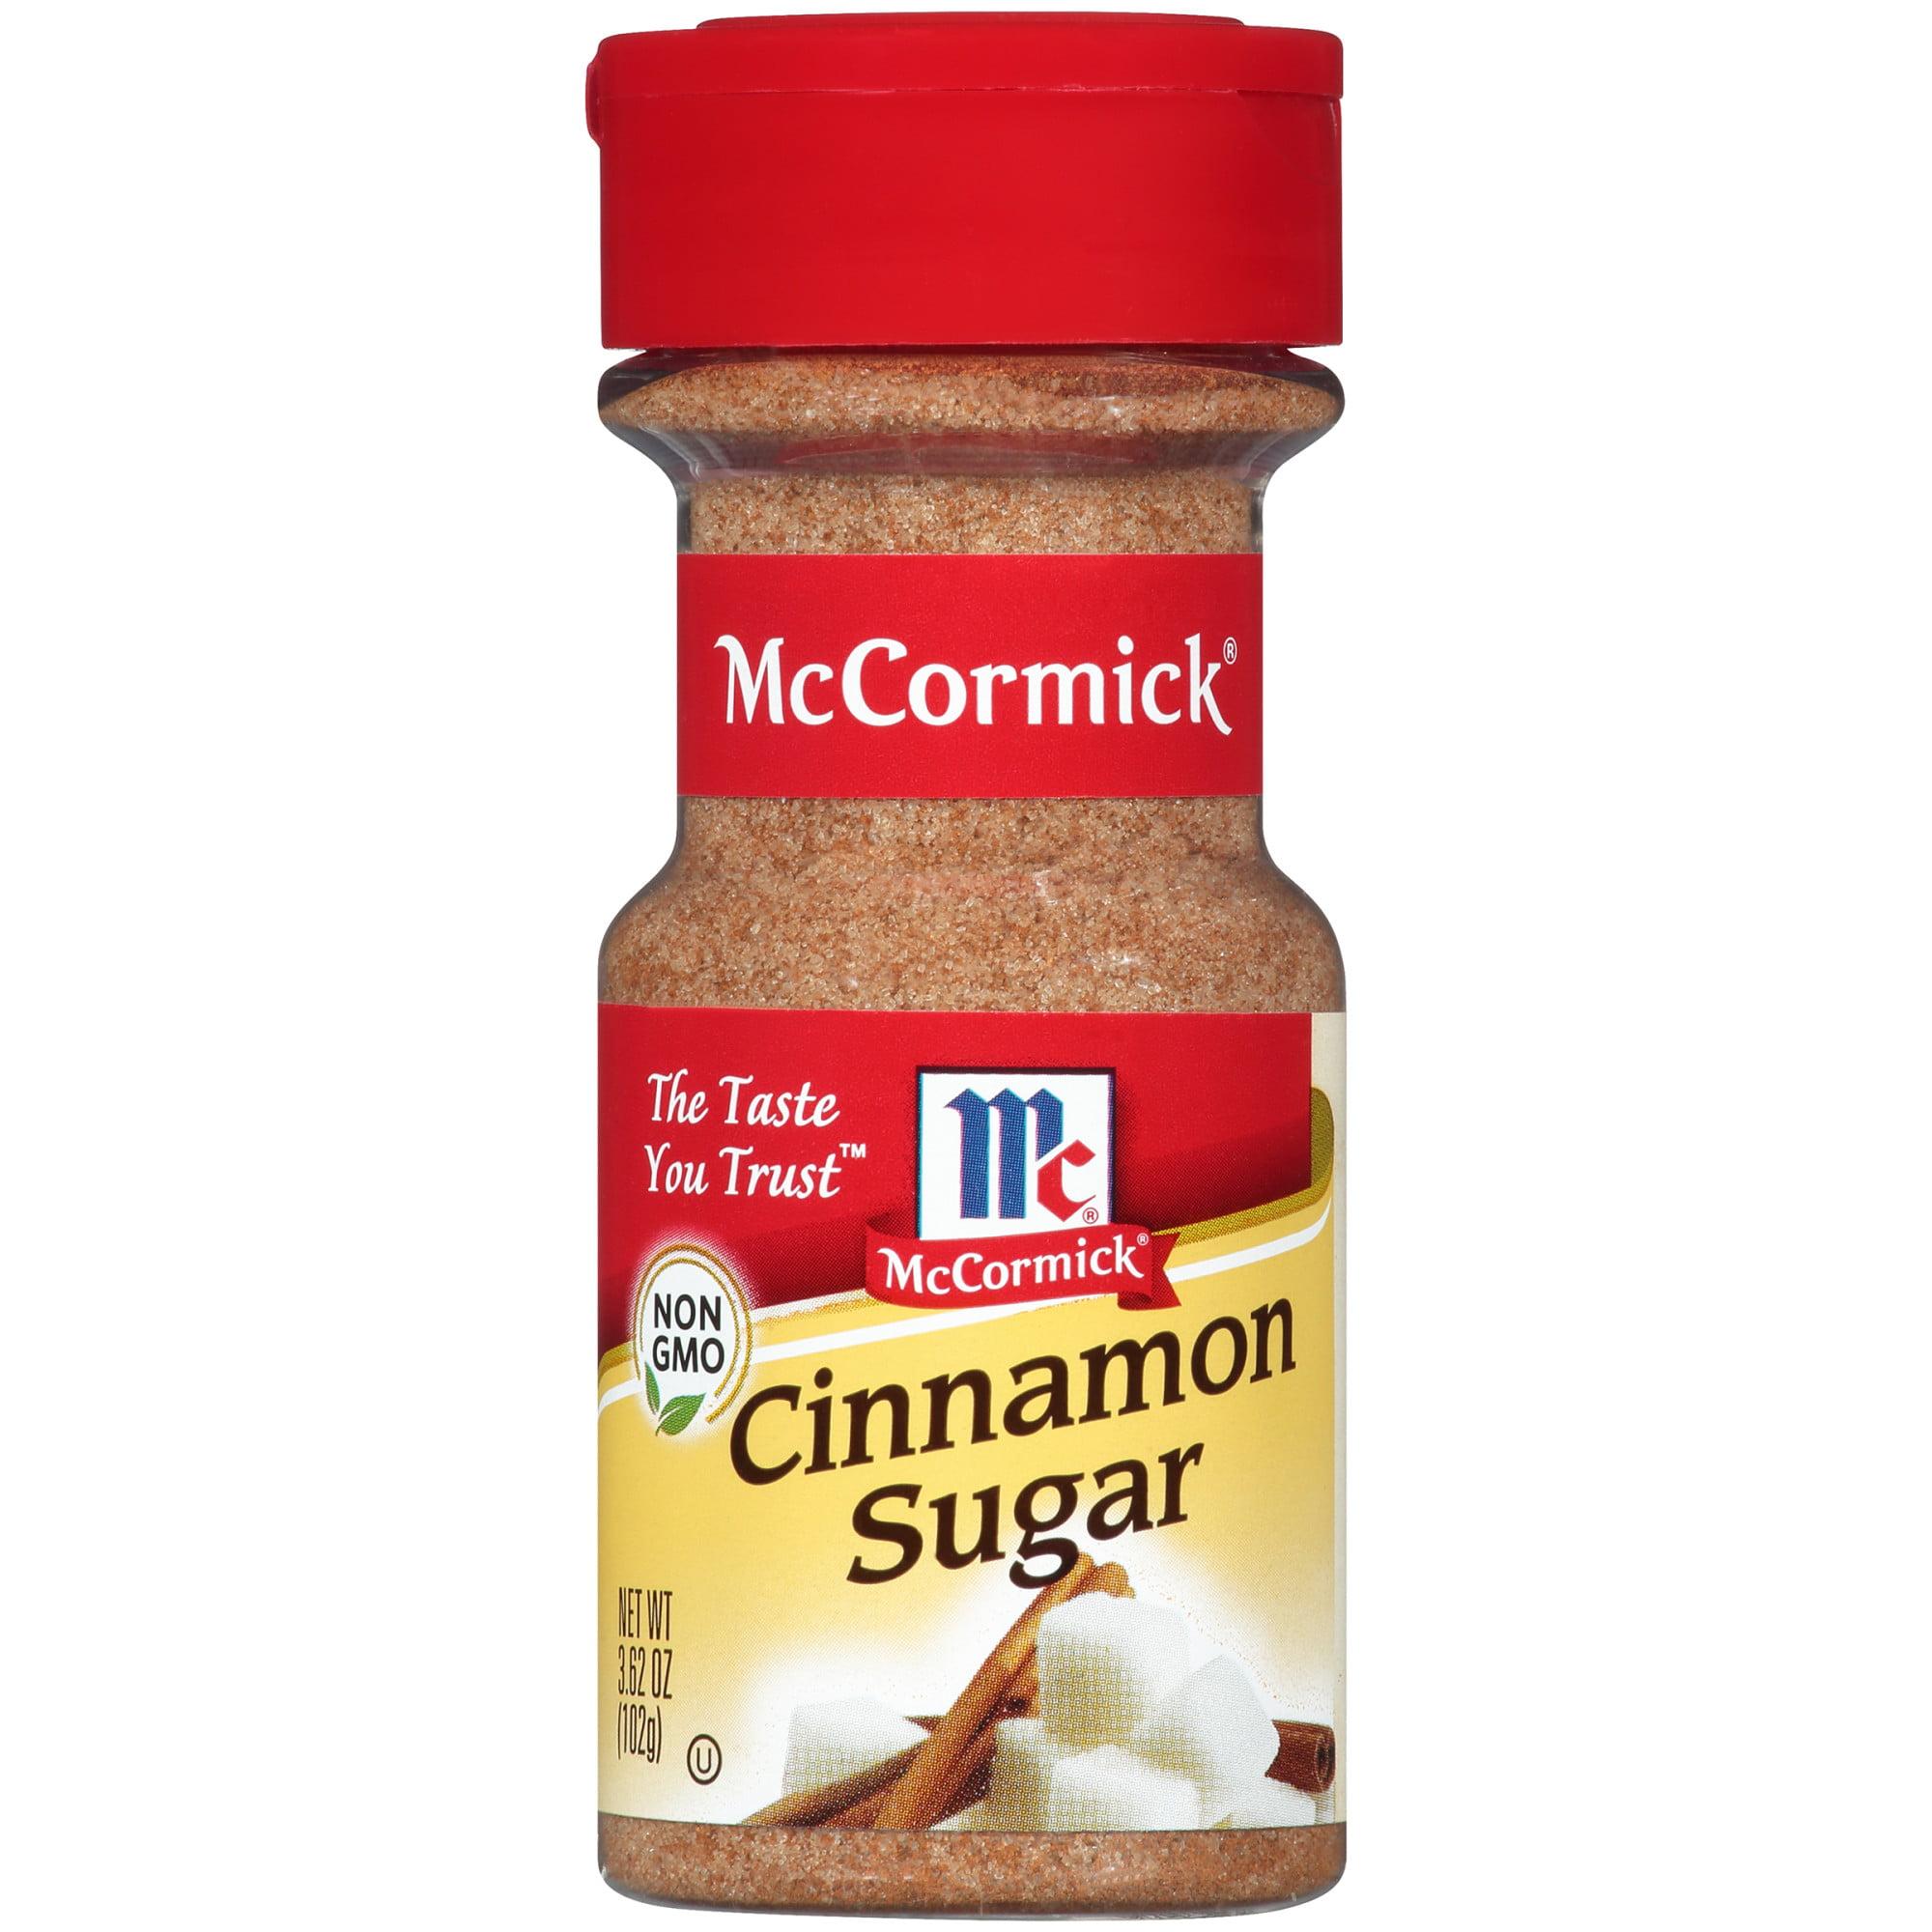 (2 Pack) McCormick Cinnamon Sugar, 3.62 oz